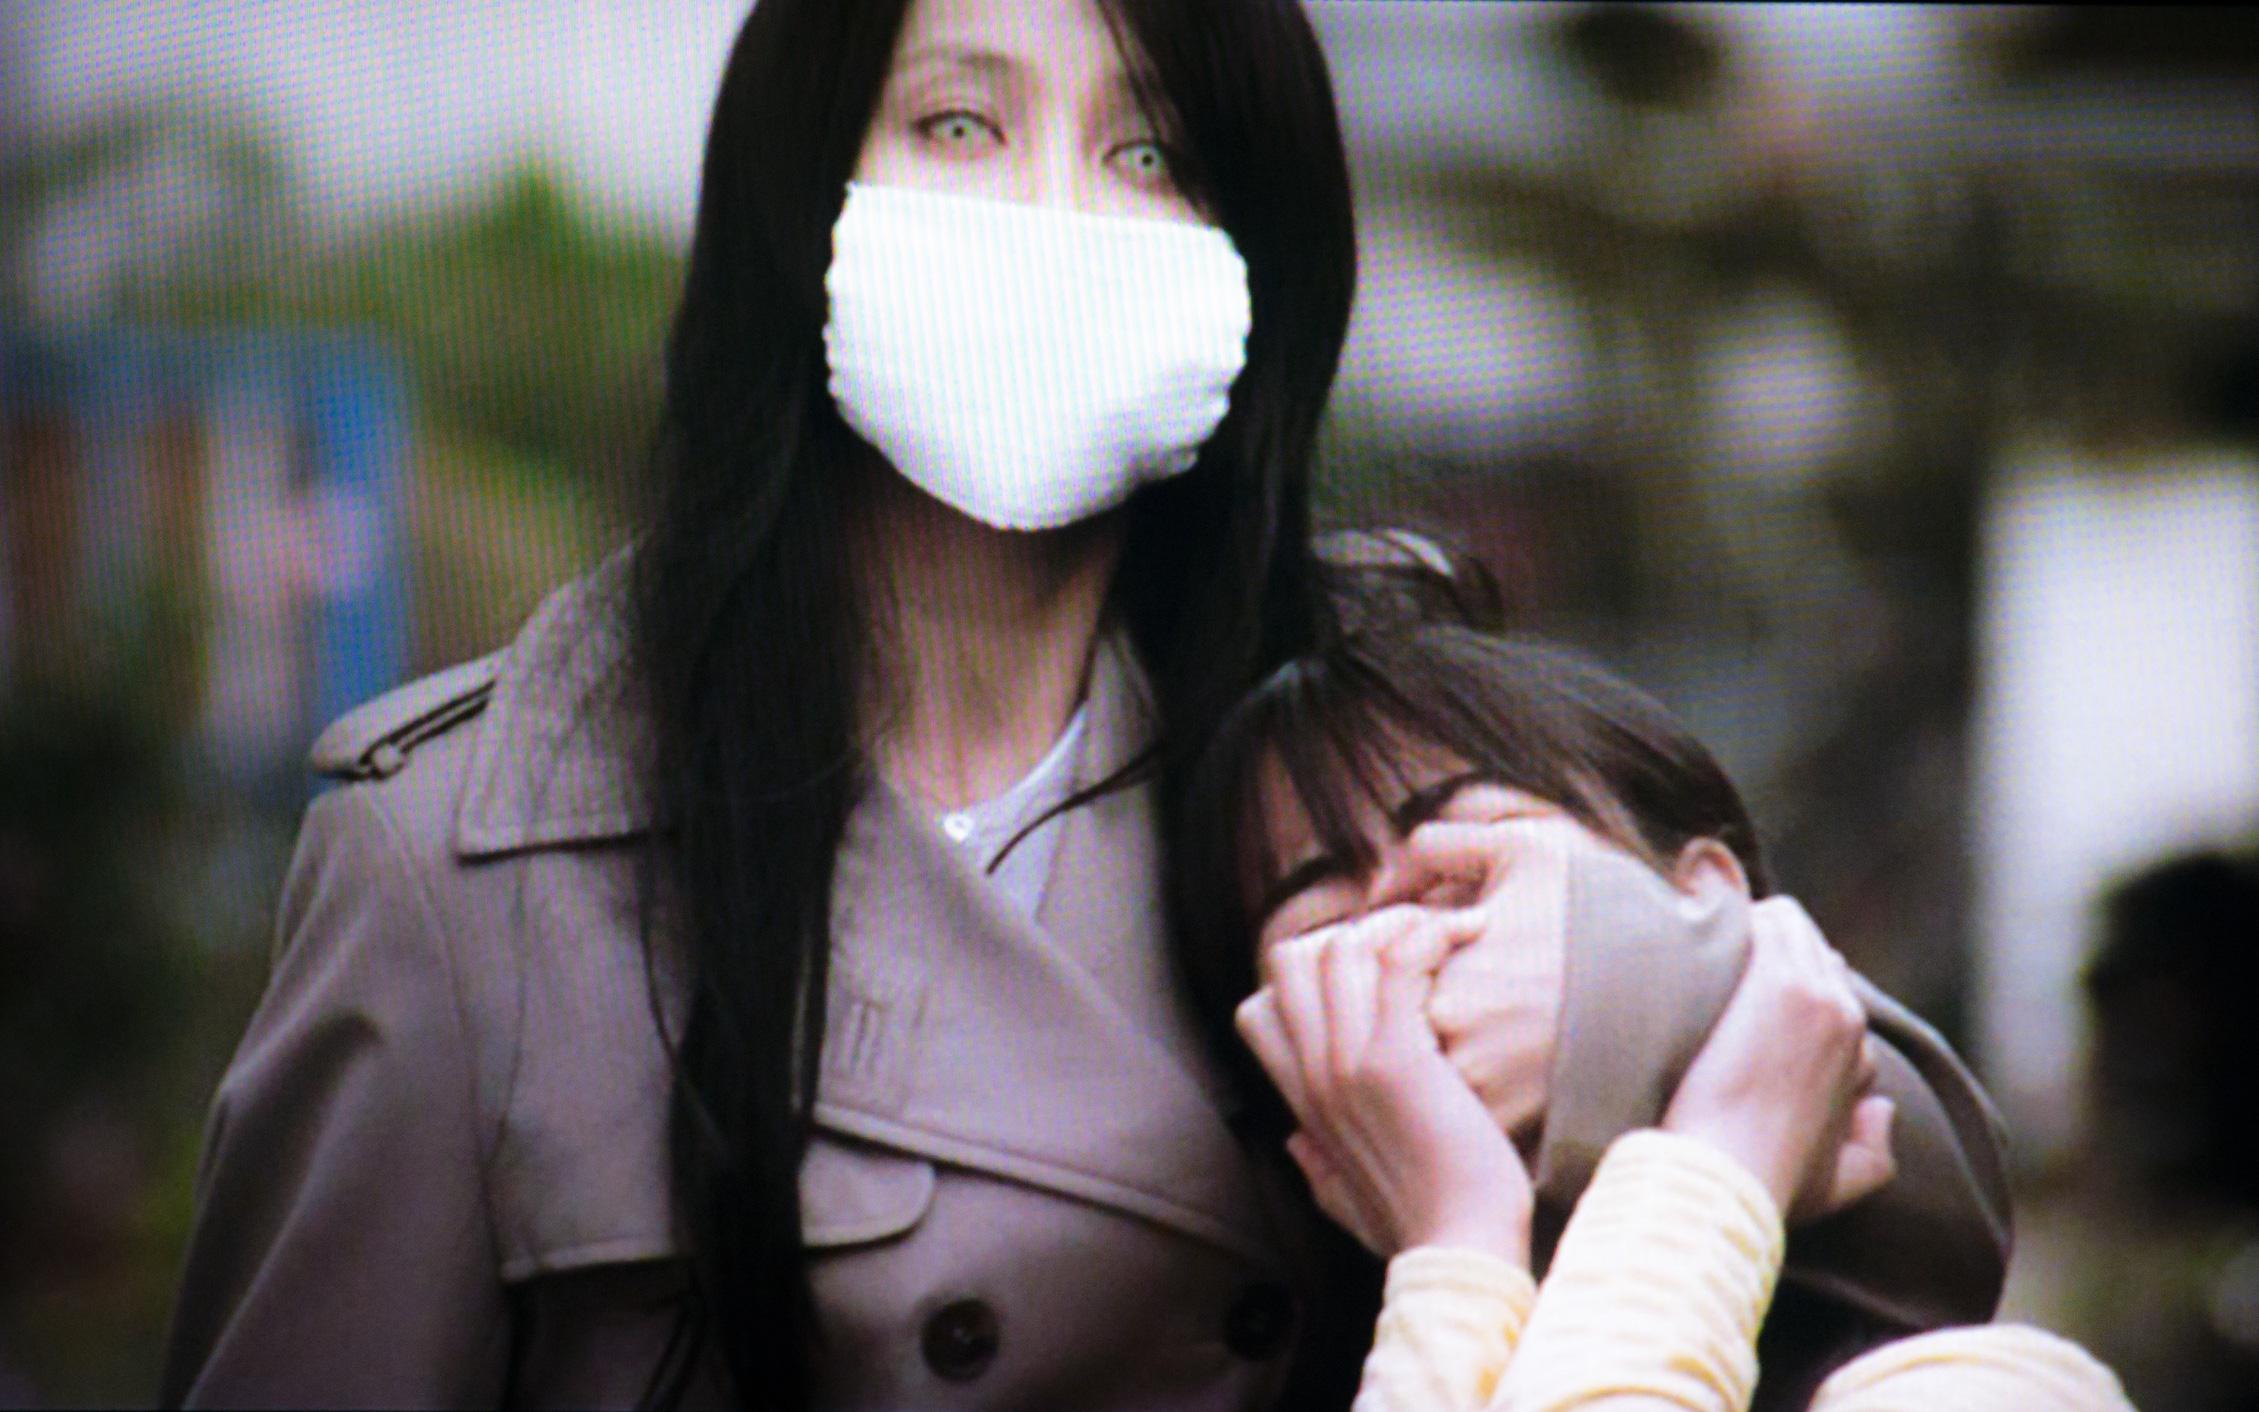 """Truyền thuyết đô thị Nhật Bản: Người đàn bà đeo khẩu trang ám ảnh trẻ con với câu hỏi """"Ta có đẹp không?"""" và câu trả lời định đoạt số phận nạn nhân"""